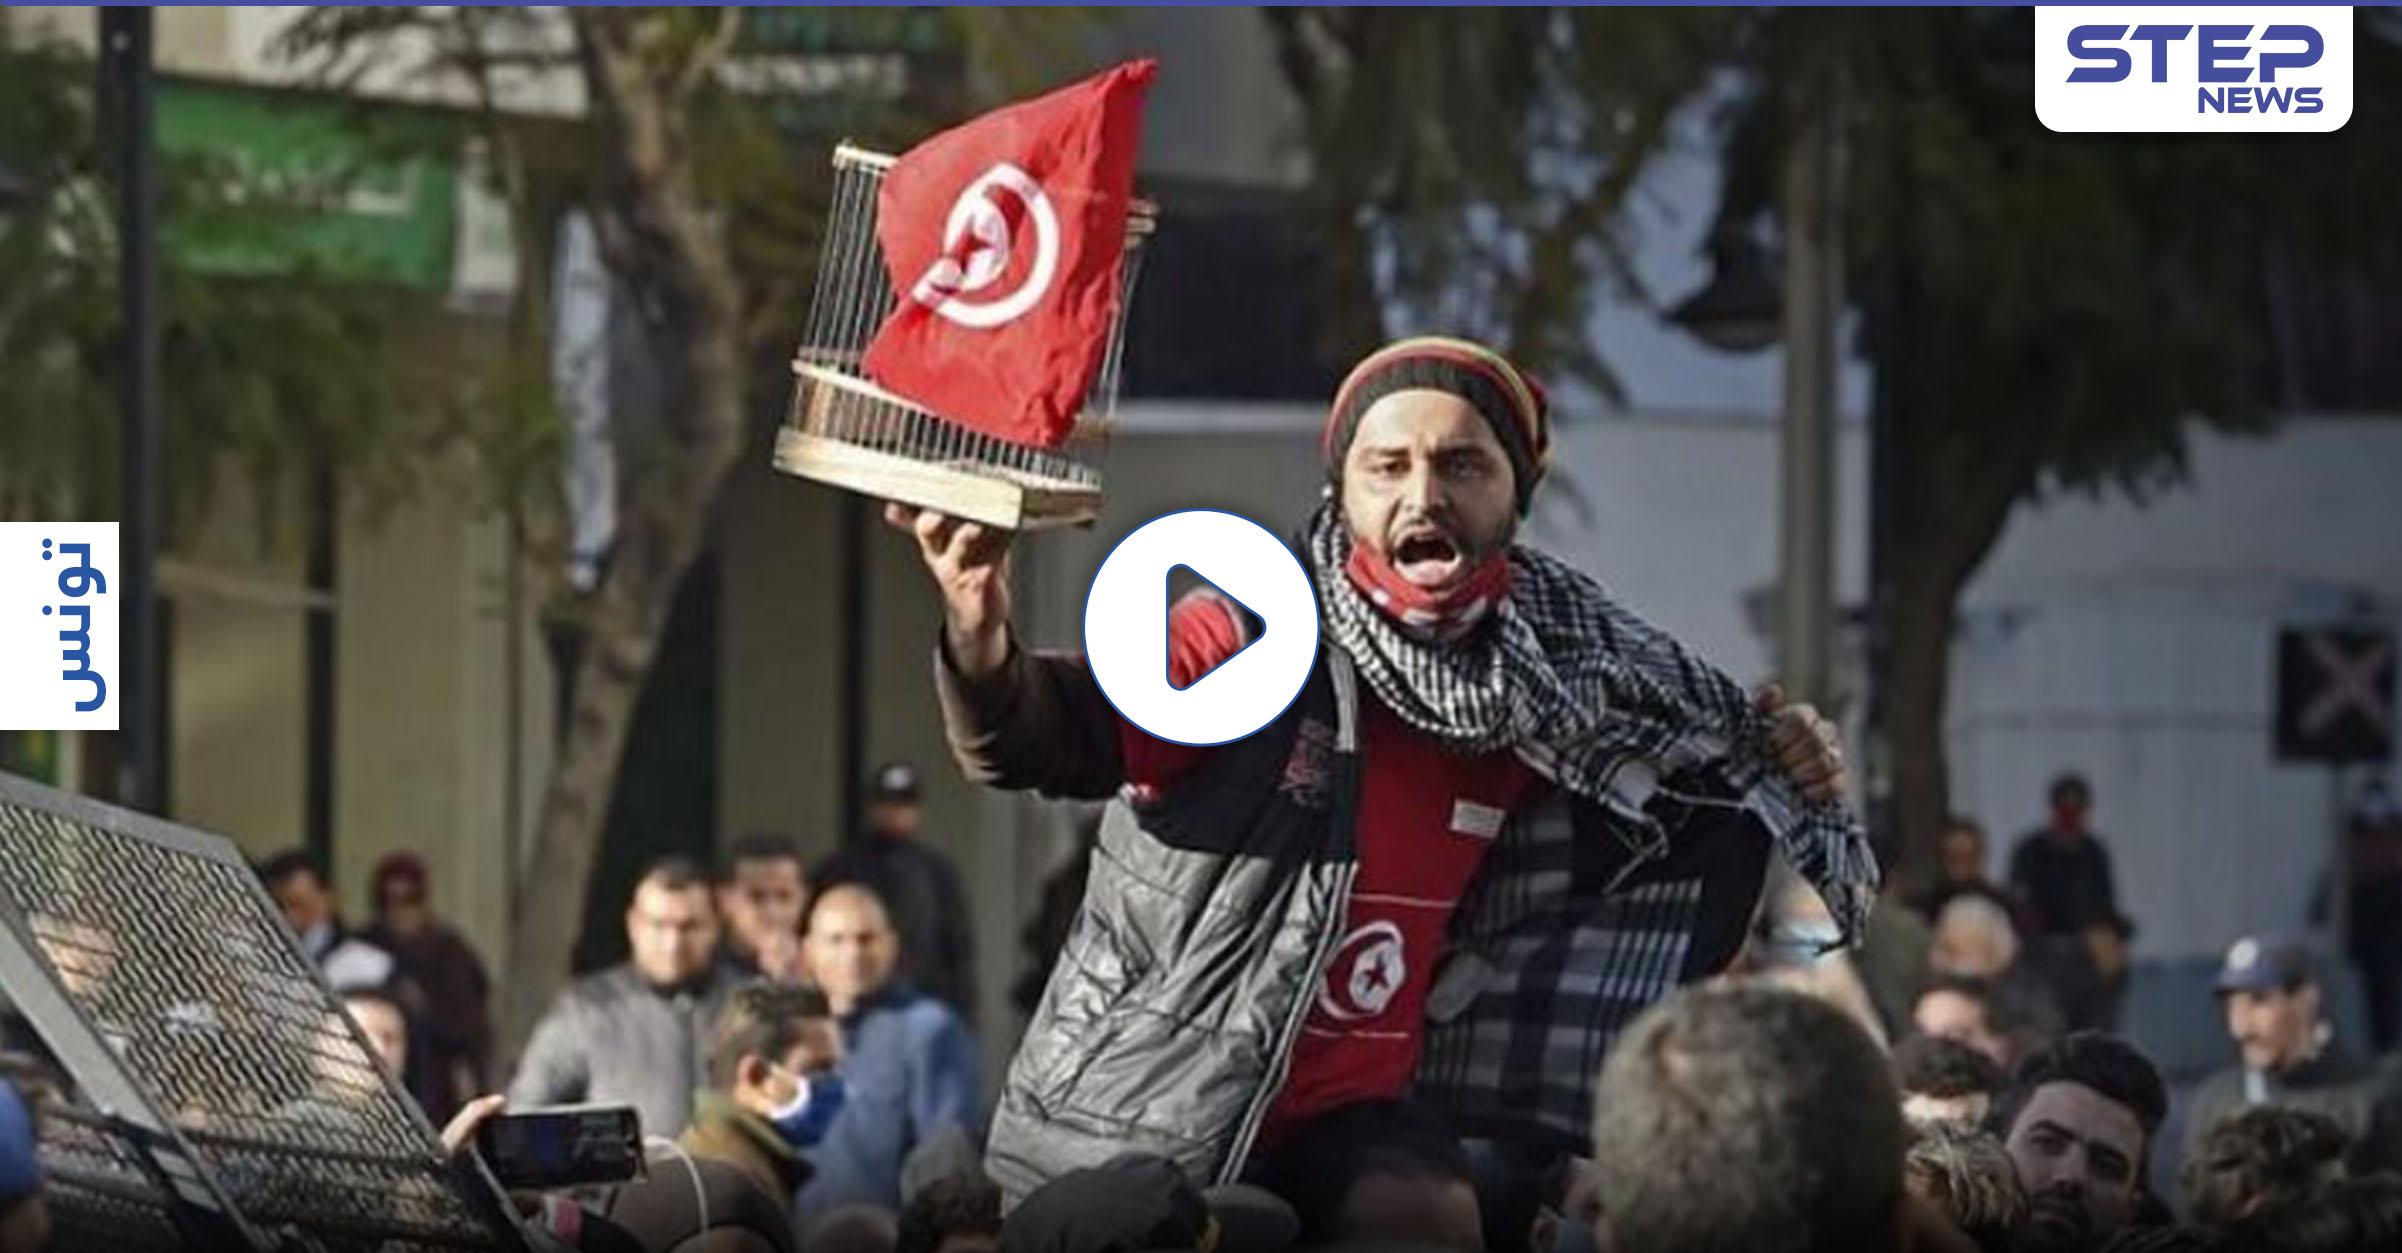 مظاهرات في تونس تشتعل غضباً